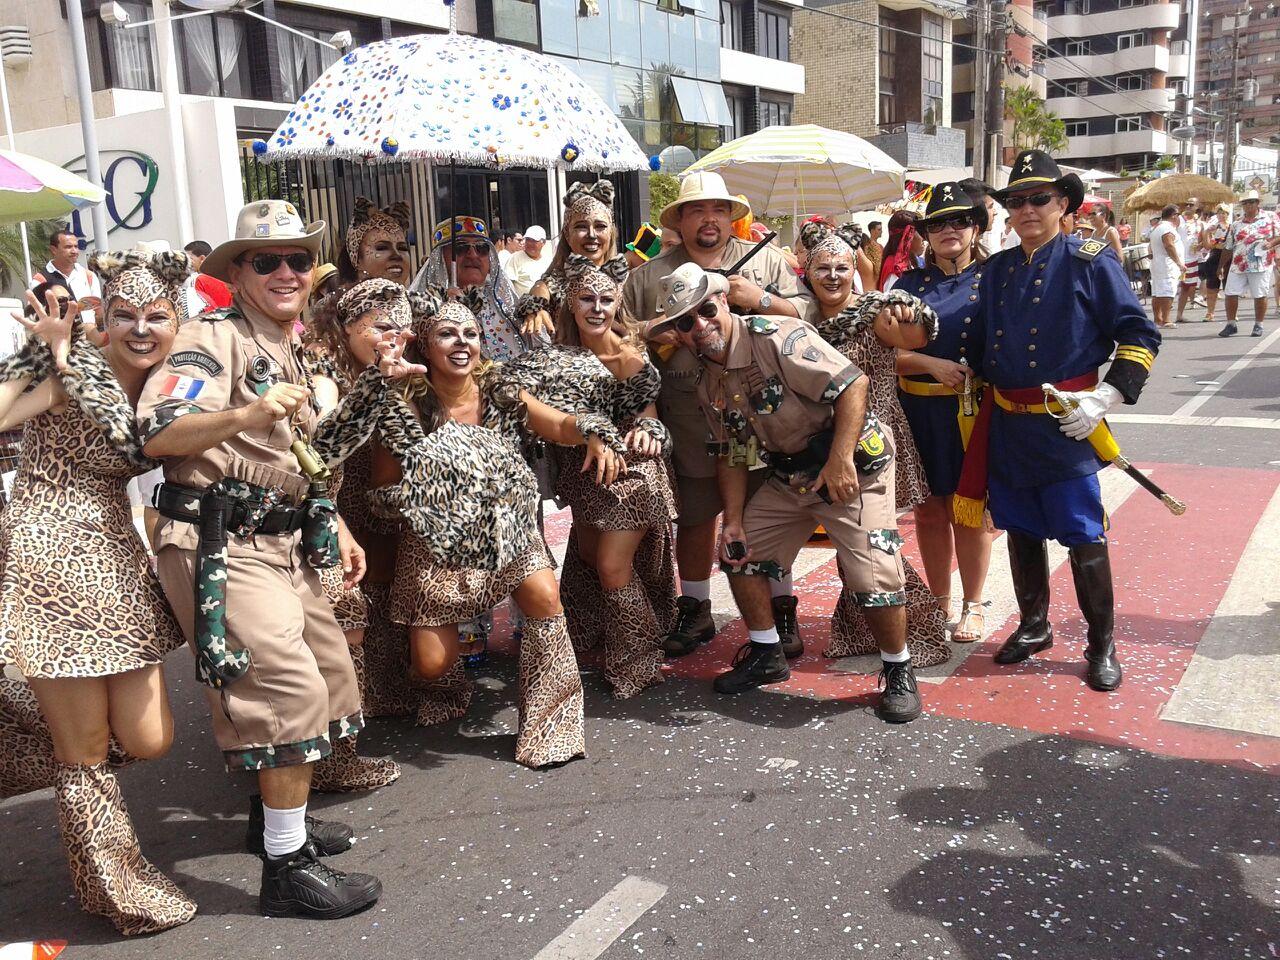 Com muita irreverência, foliões capricham na fantasia para brincar o Carnaval